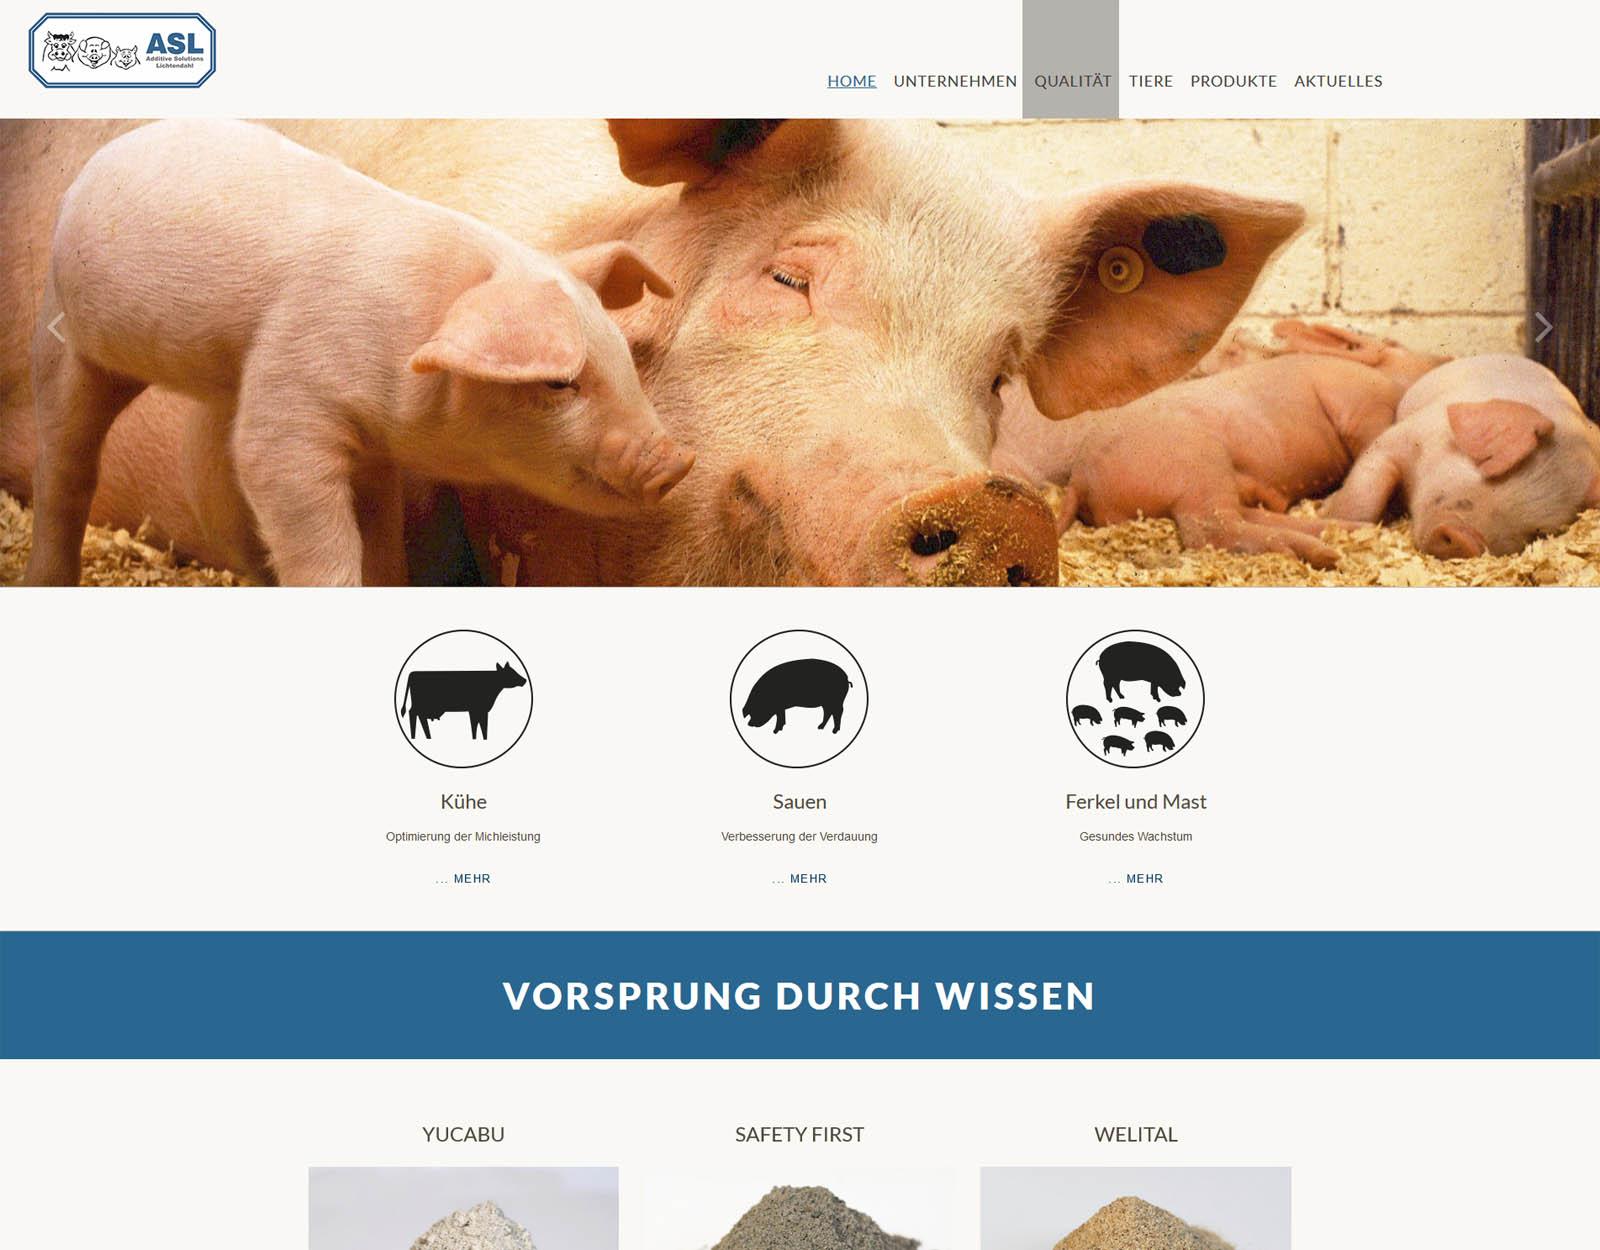 Home der website ASL GmbH & Co. KG